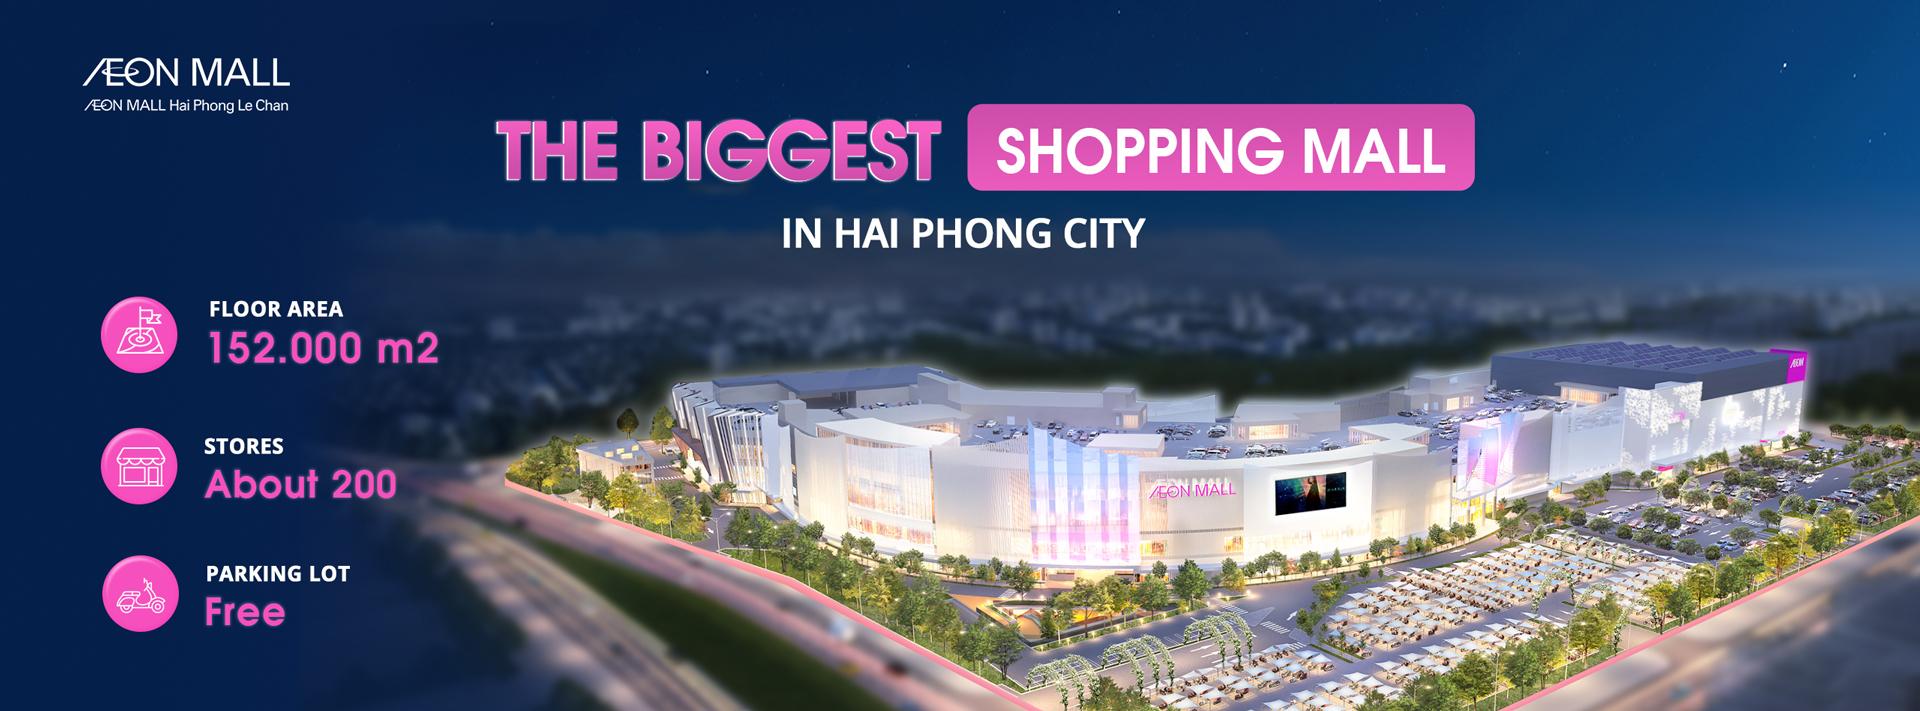 AEON MALL Hai Phong Le Chan - The biggest shopping mall in Hai Phong 2020